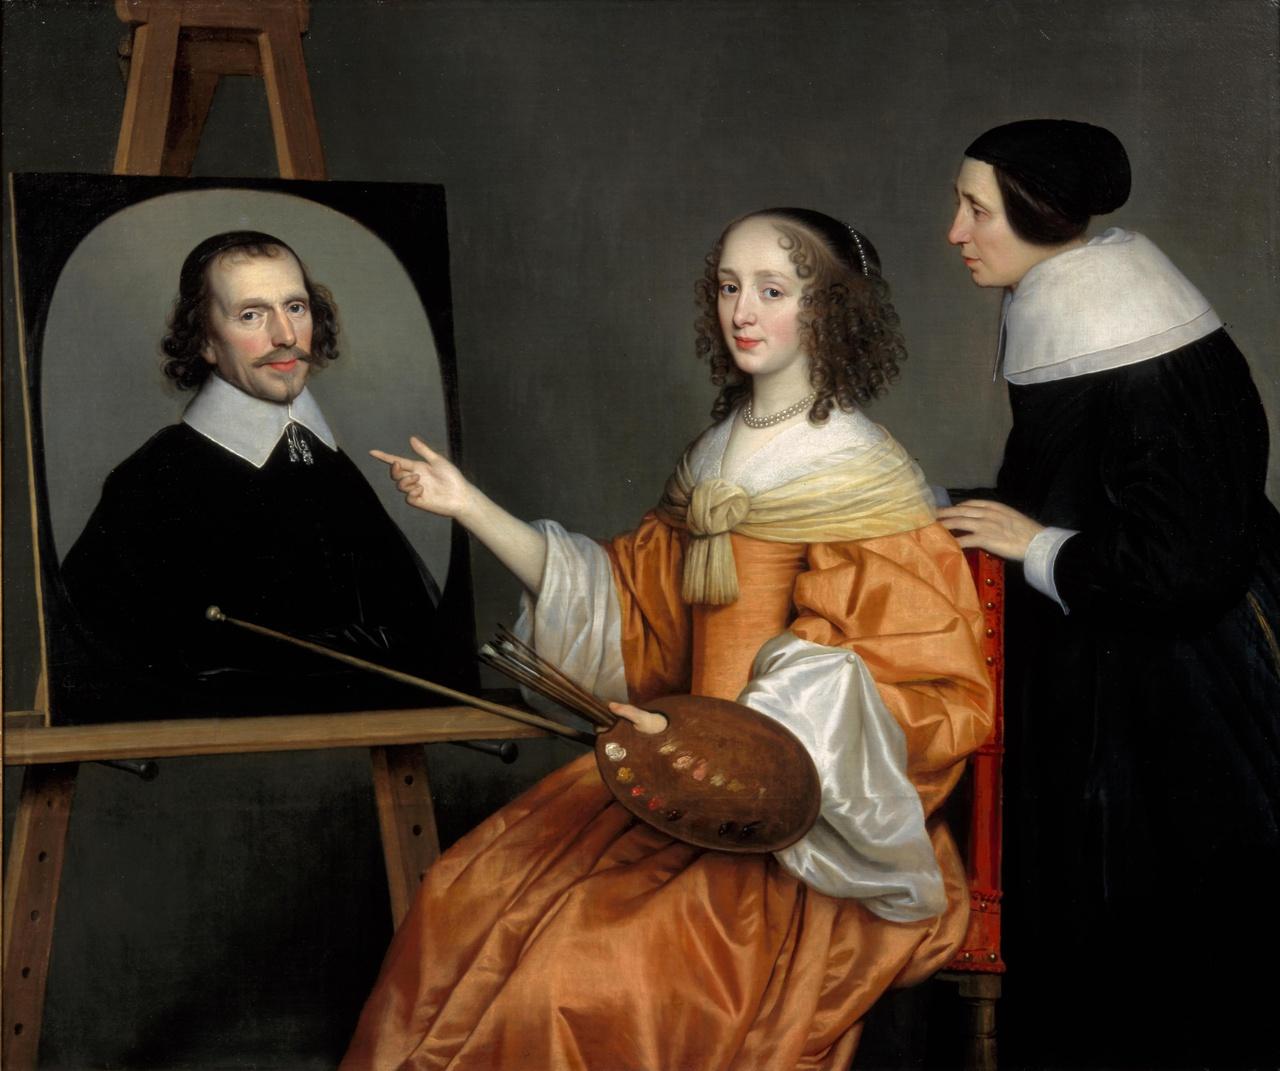 Portret van Margareta Maria de Roodere (ca. 1625-1666) en haar ouders Gerard de Roodere (?-1656) en Maria van Putten (?-1655?)